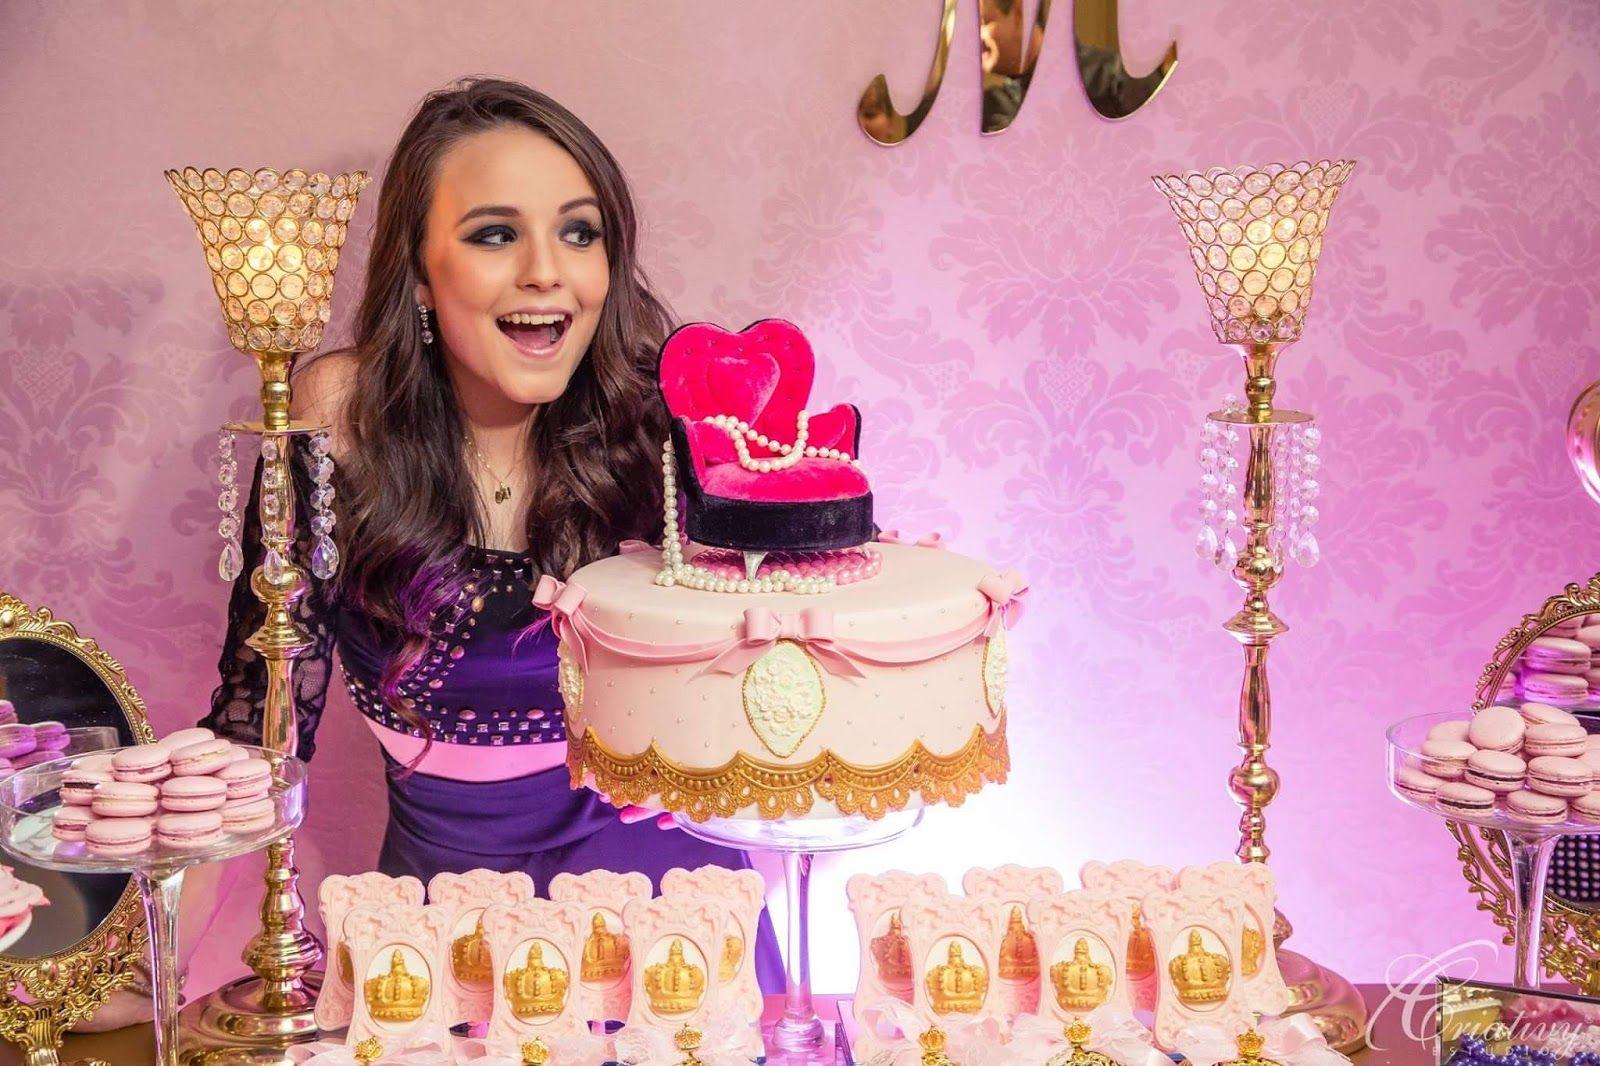 8c25b1ab0c569 Larissa Manoela organizou uma festa nesta terça- feira, (15) uma pré-festa  com os 30 debutantes de sua festa de 15 anos. Organização  RT De.